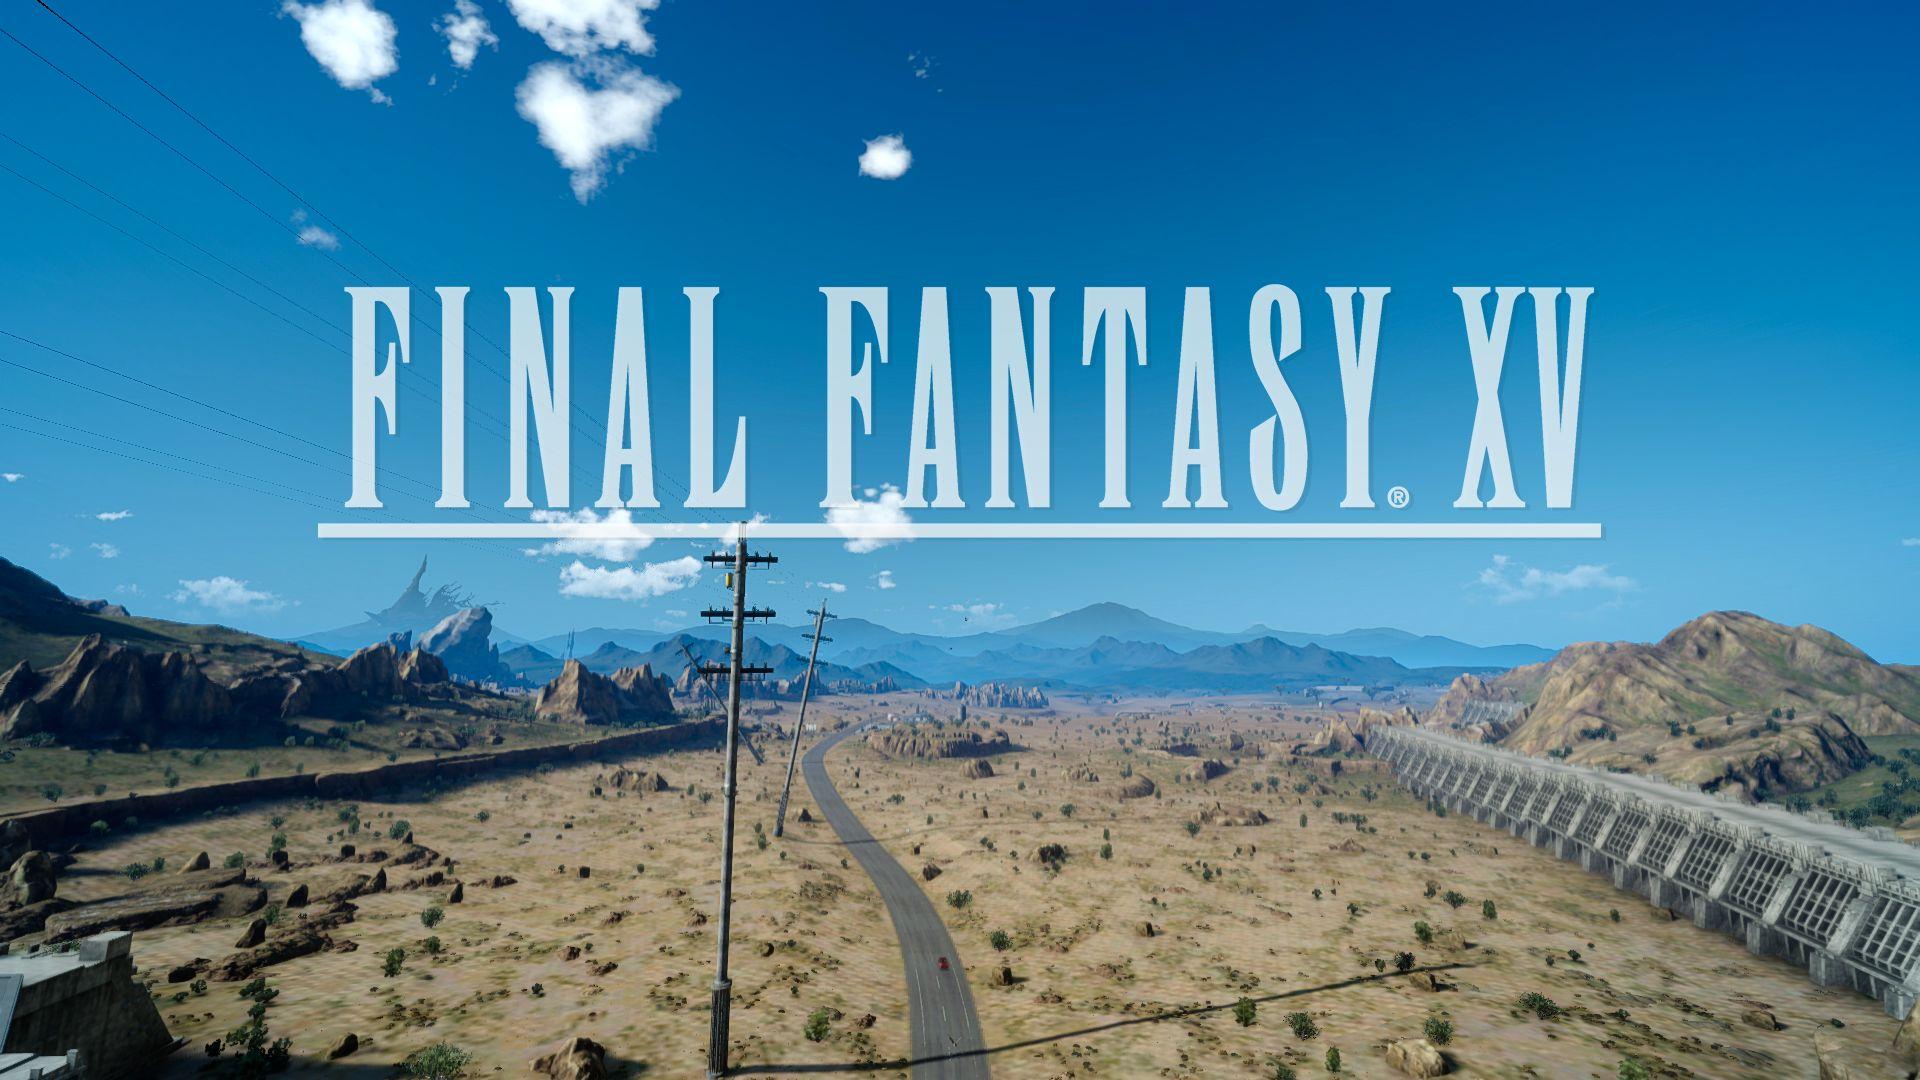 Final Fantasy XV Logo sur route désertique